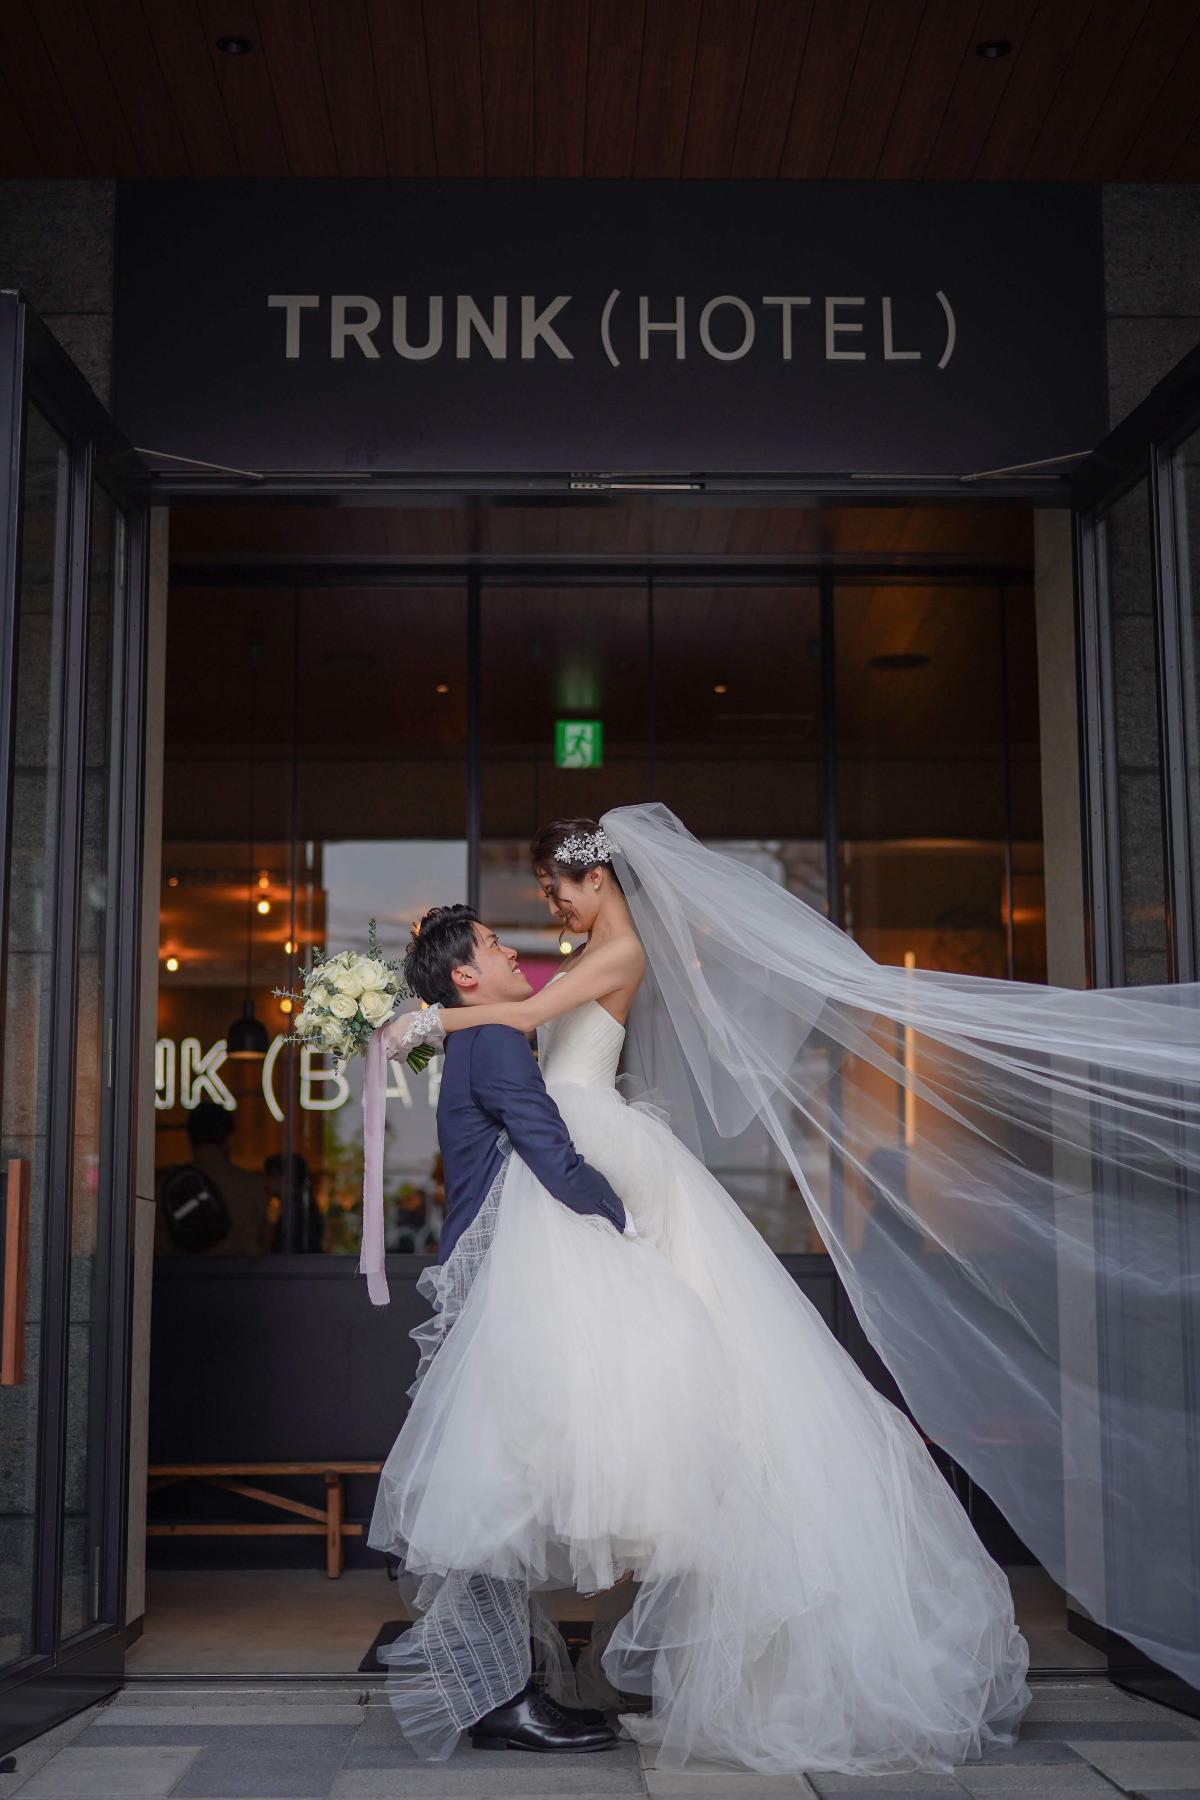 特別な日の思い出を形に*憧れのTRUNK HOTELで叶える結婚式♪